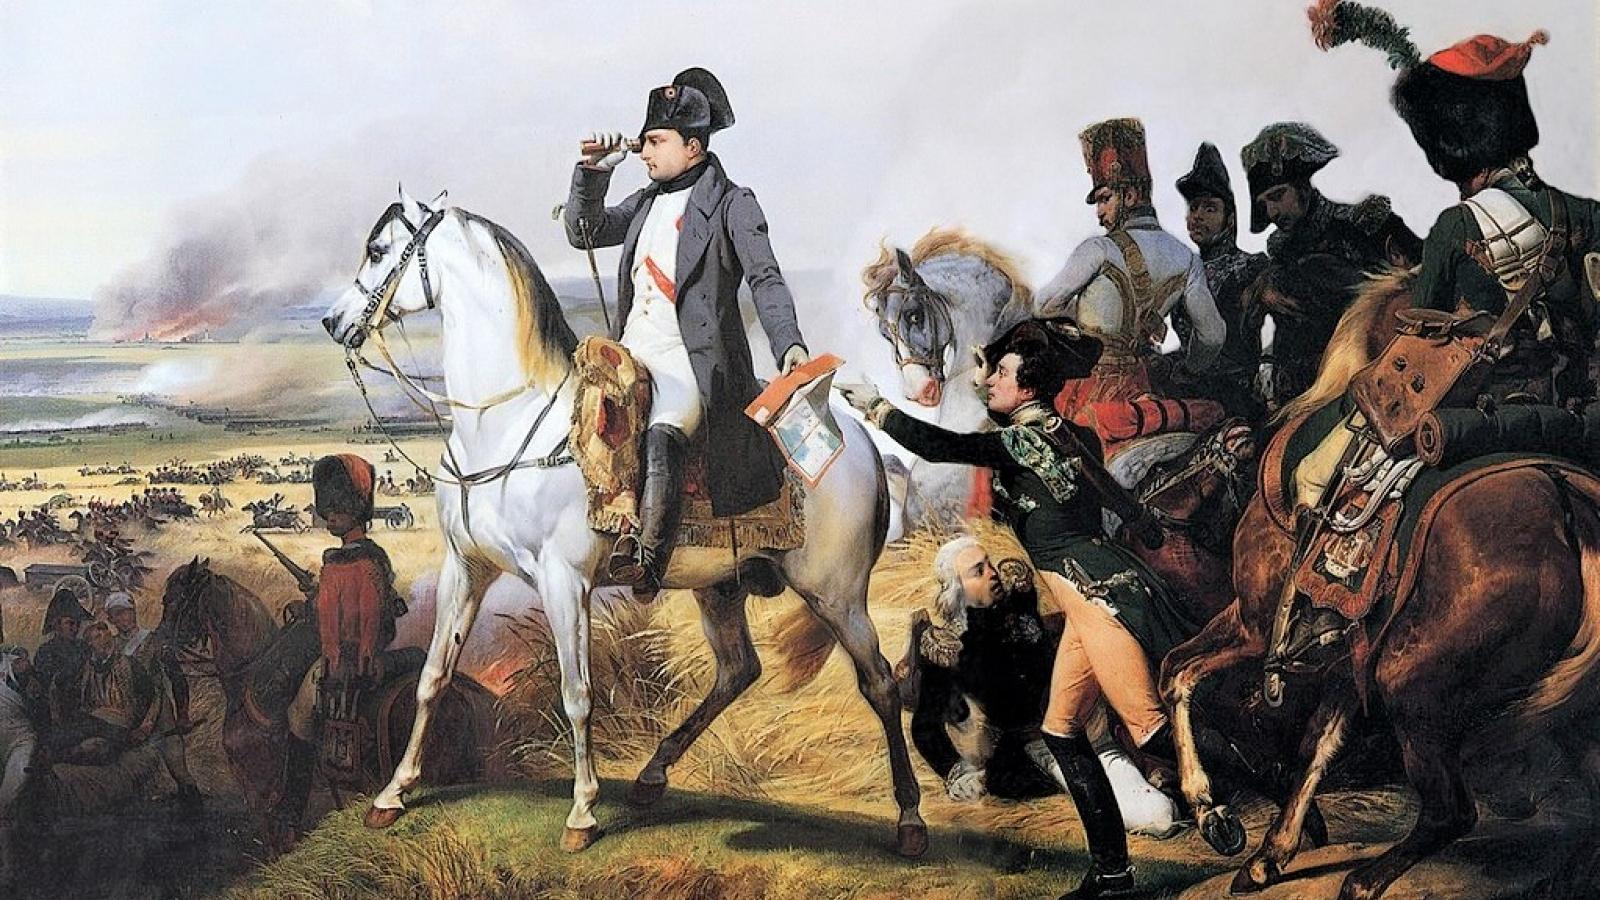 Bí ẩn 200 năm chưa được khám phá: Có phải Napoleon đã bị đầu độc?